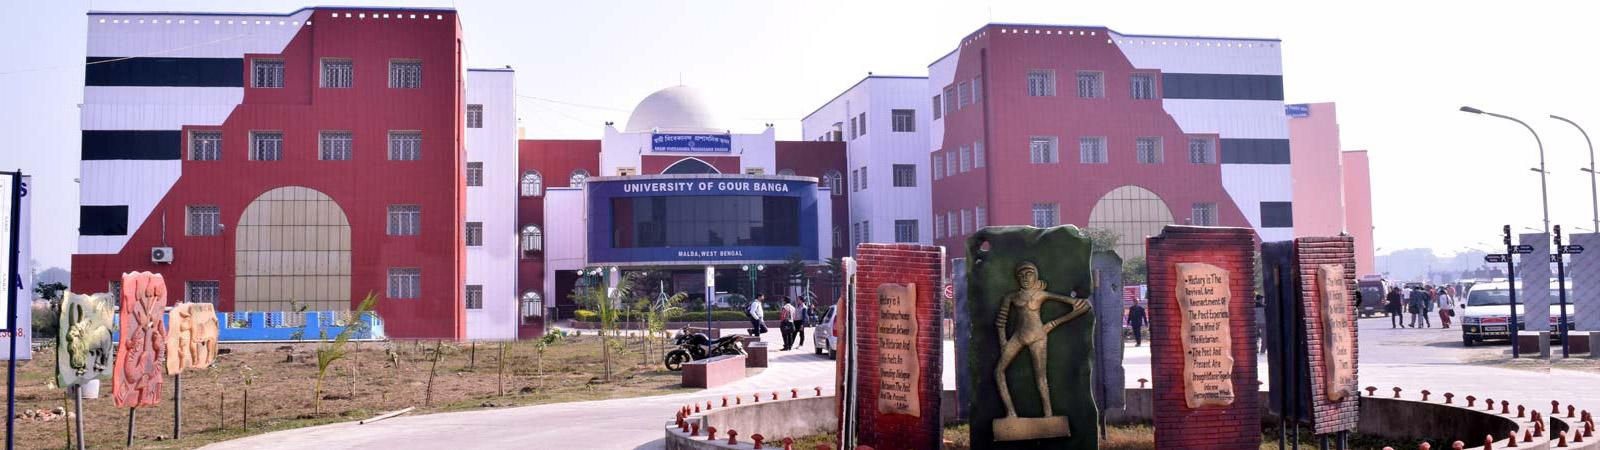 গৌড়বঙ্গ বিশ্ববিদ্যালয়